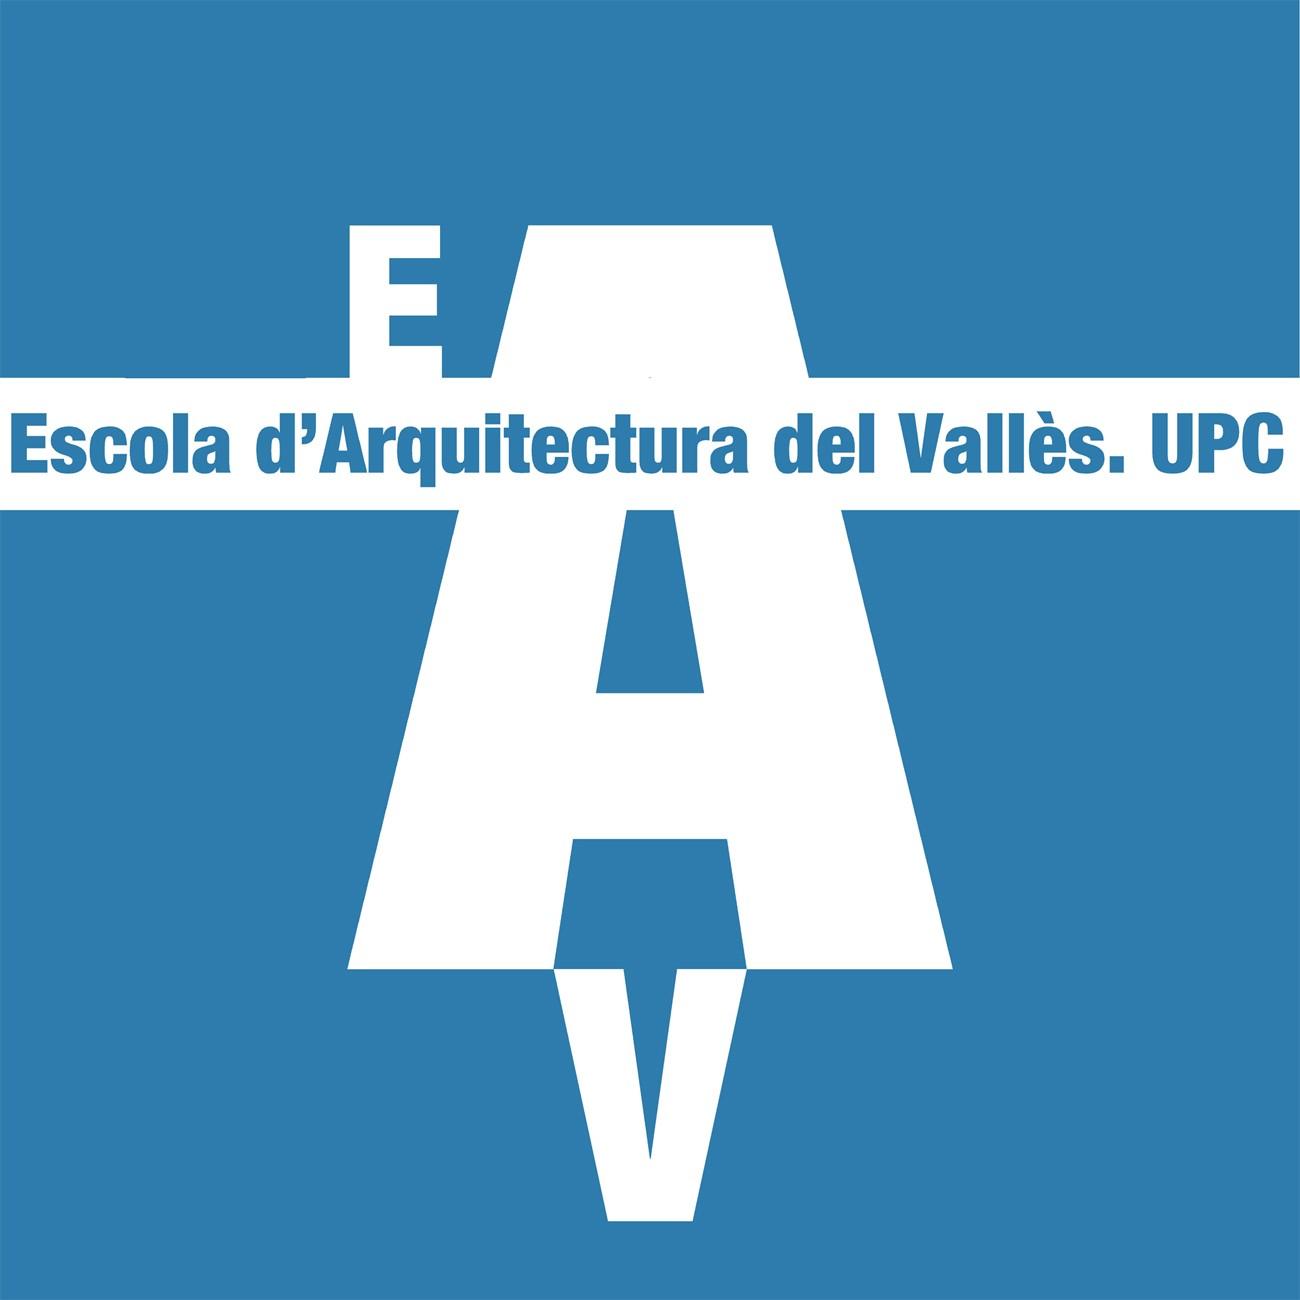 Curs de programació en arquitectura ETSAV